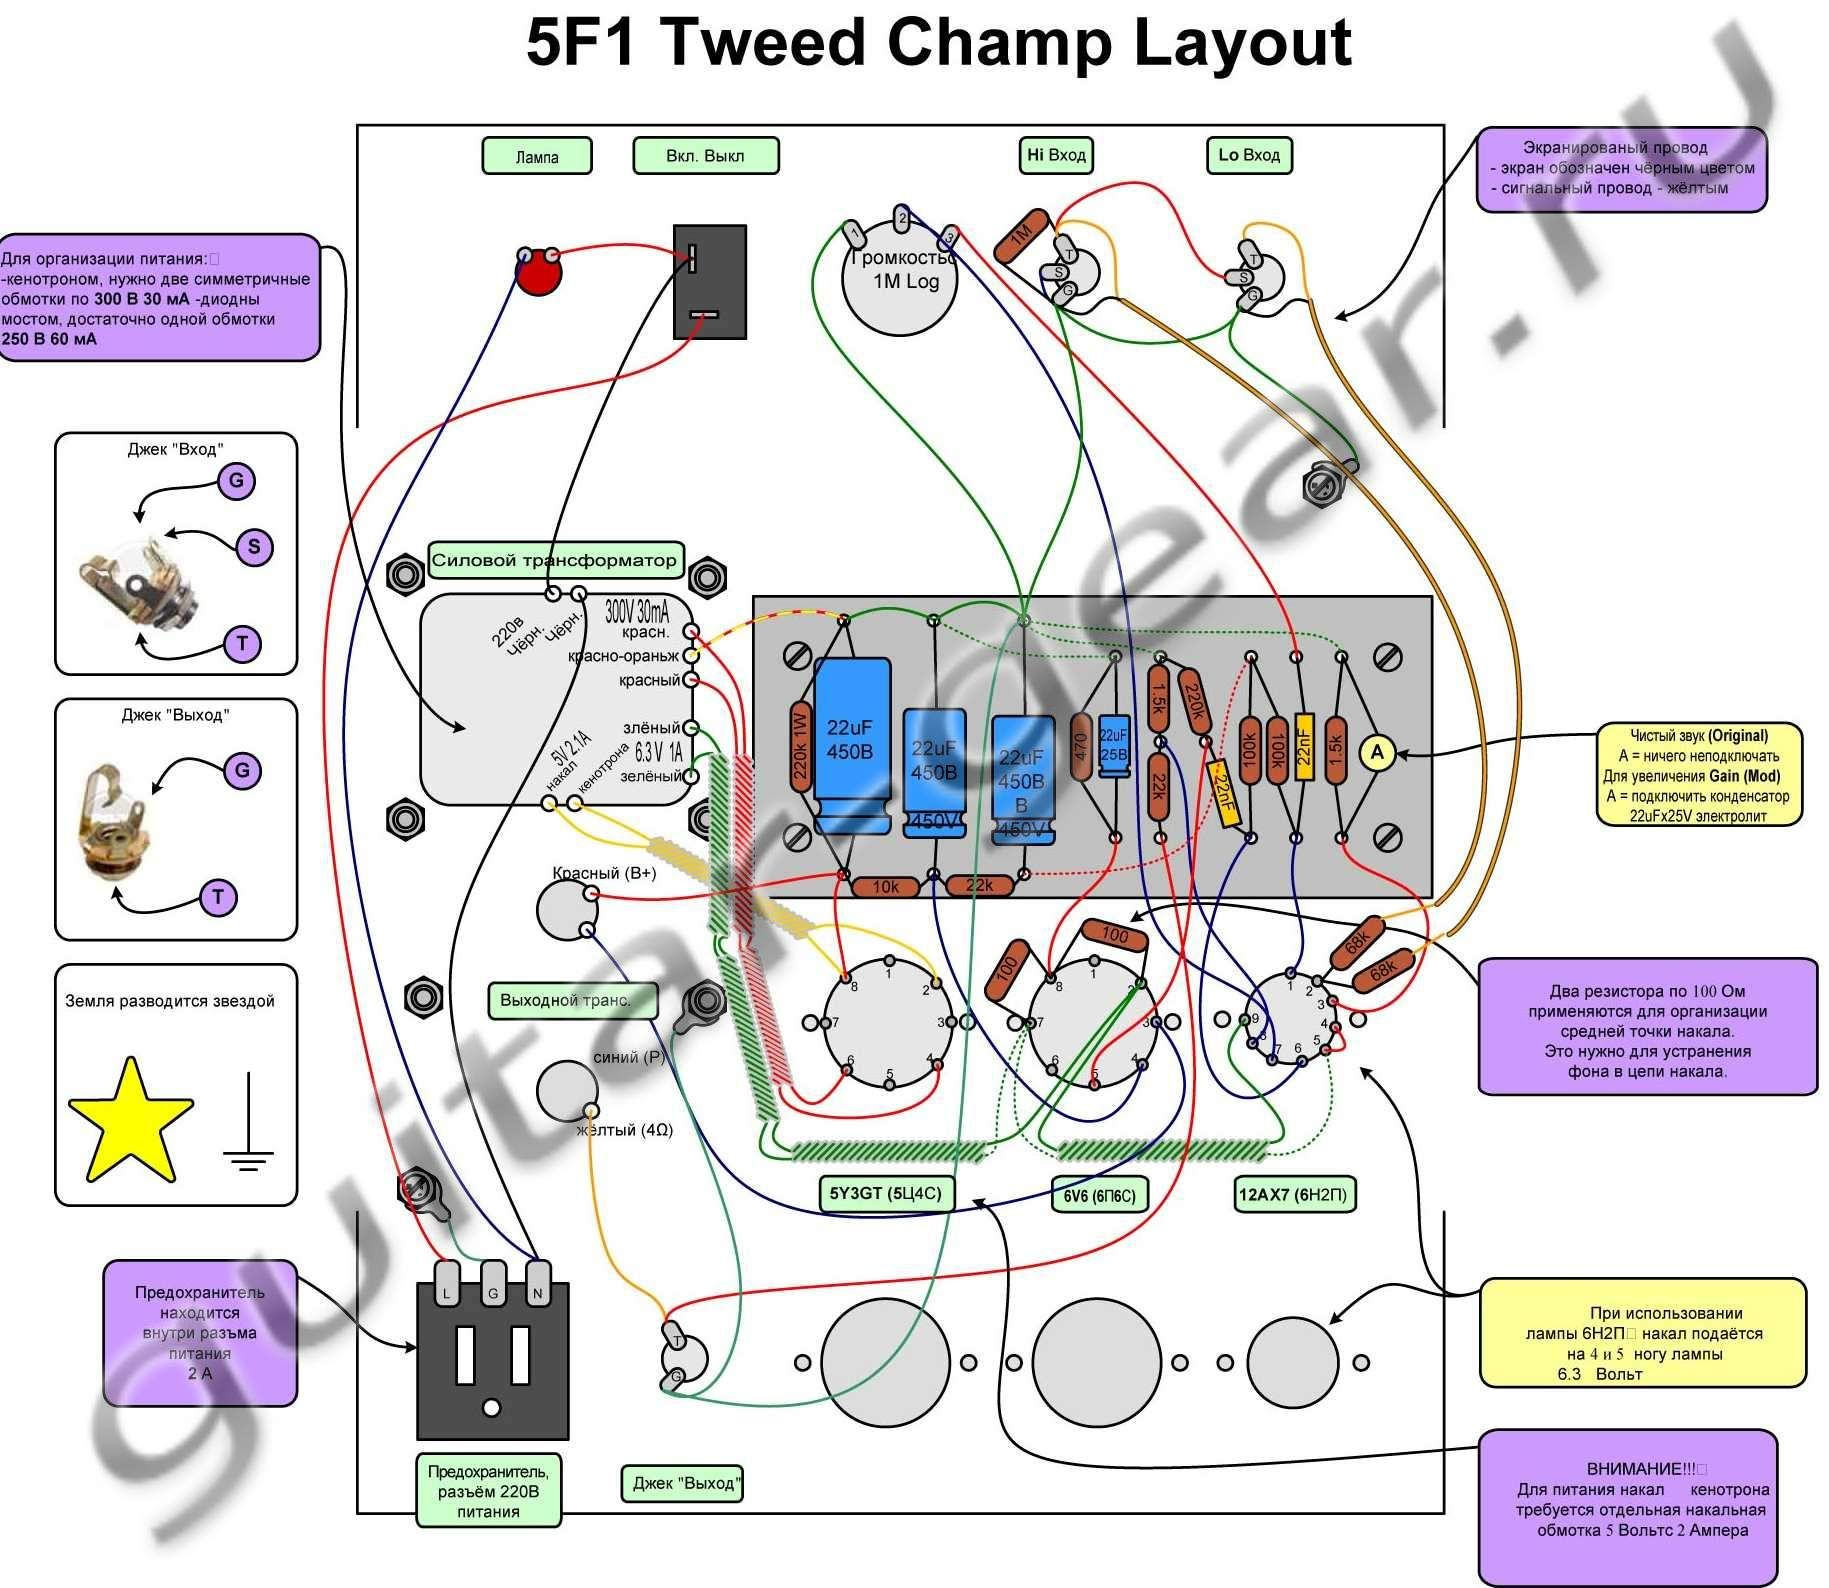 champ-layout